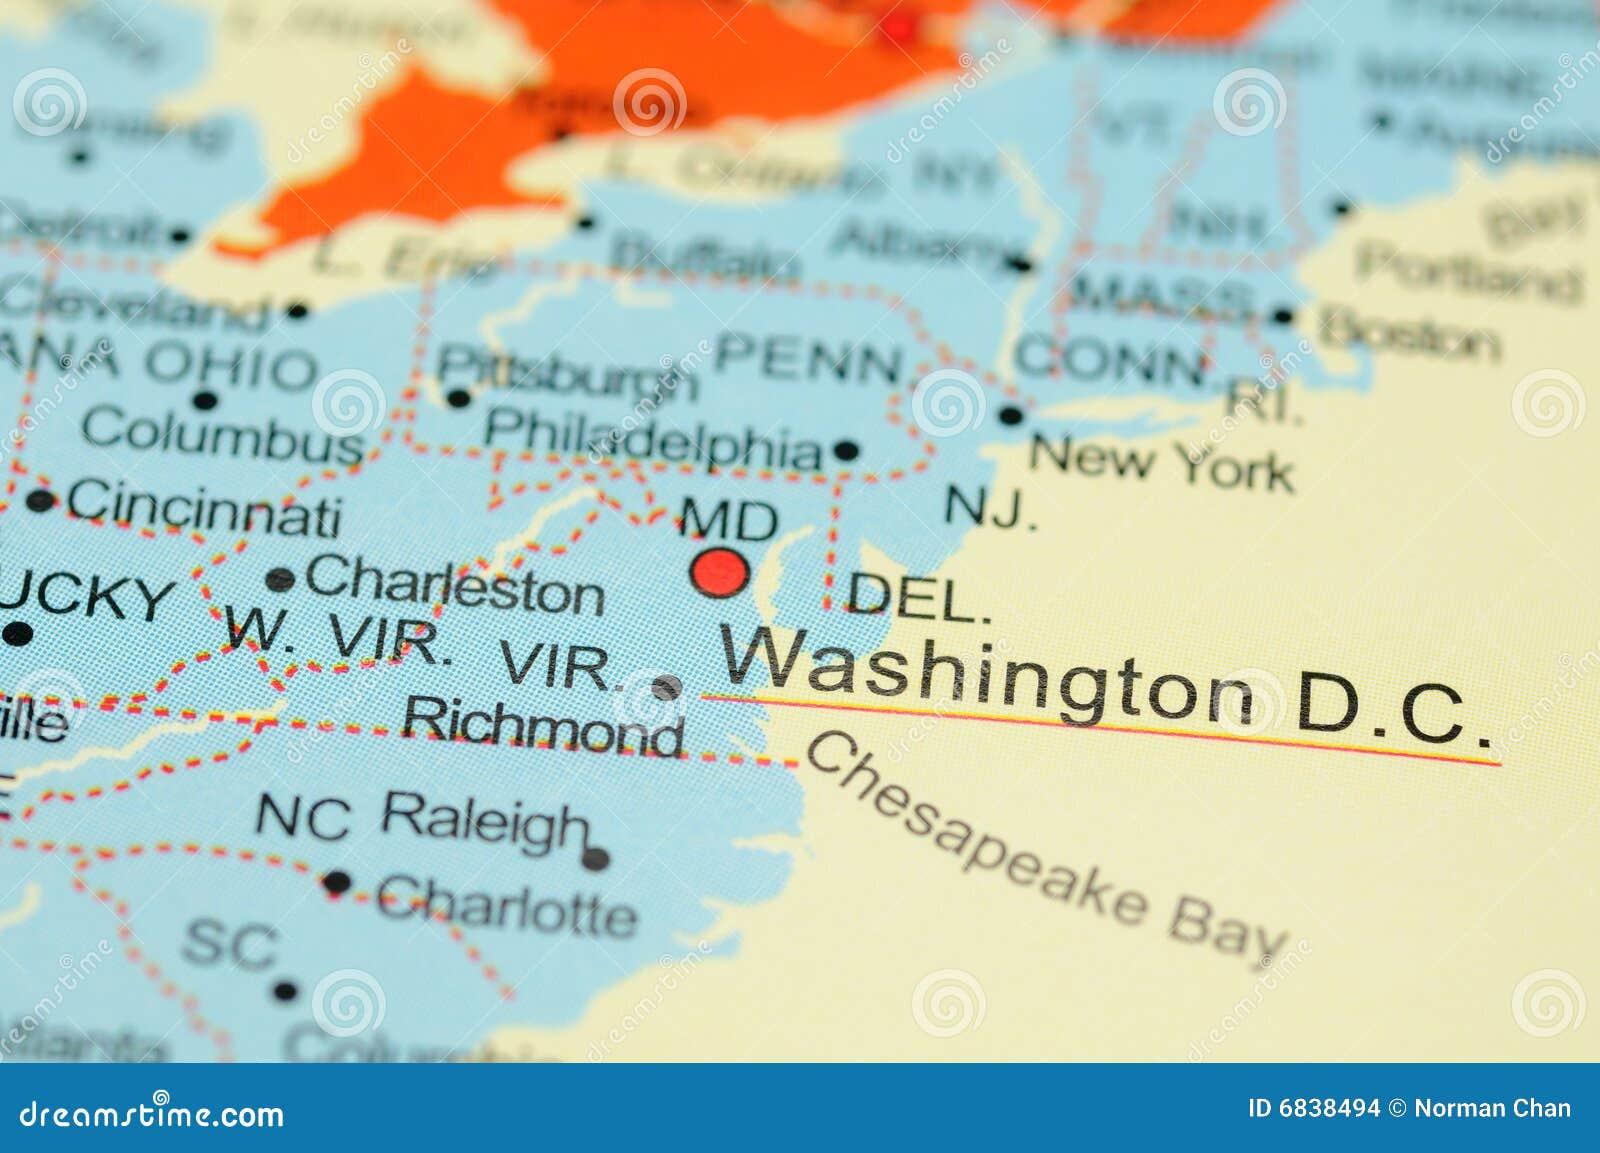 Washington D.C. on map stock photo. Image of washington - 6838494